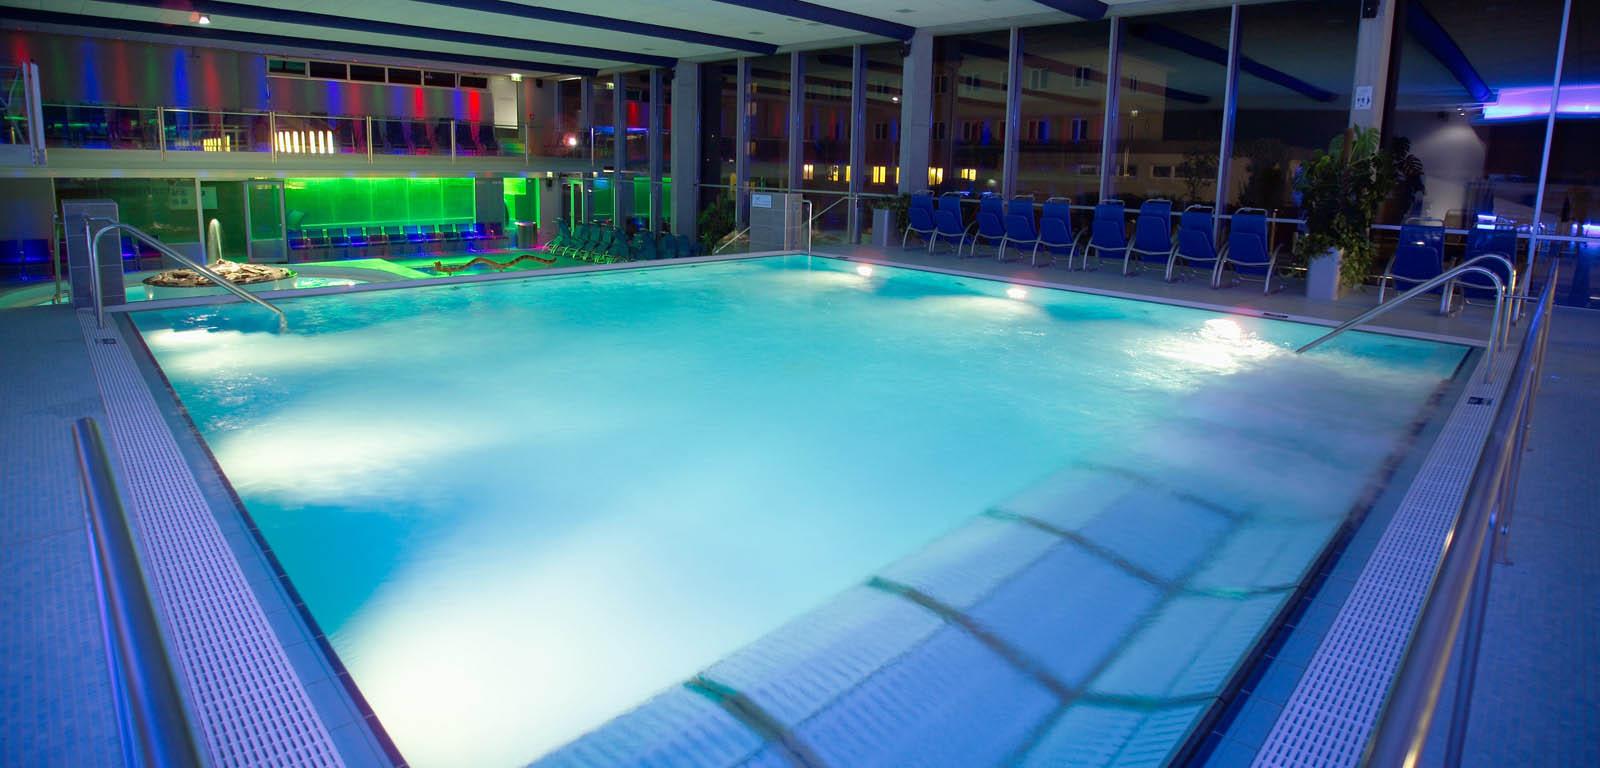 Piscine da interno sport e relax piscine castiglione - Piscine da interno ...